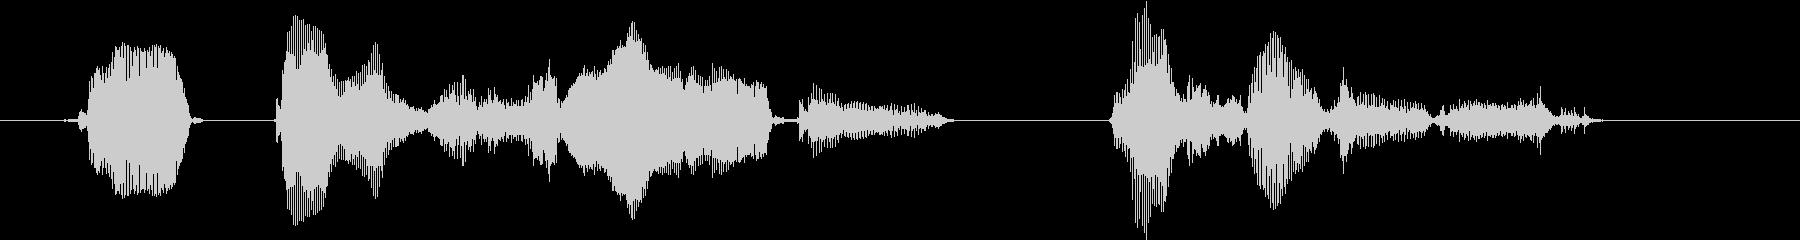 ピーっという発信音のあとに、メッセージ…の未再生の波形